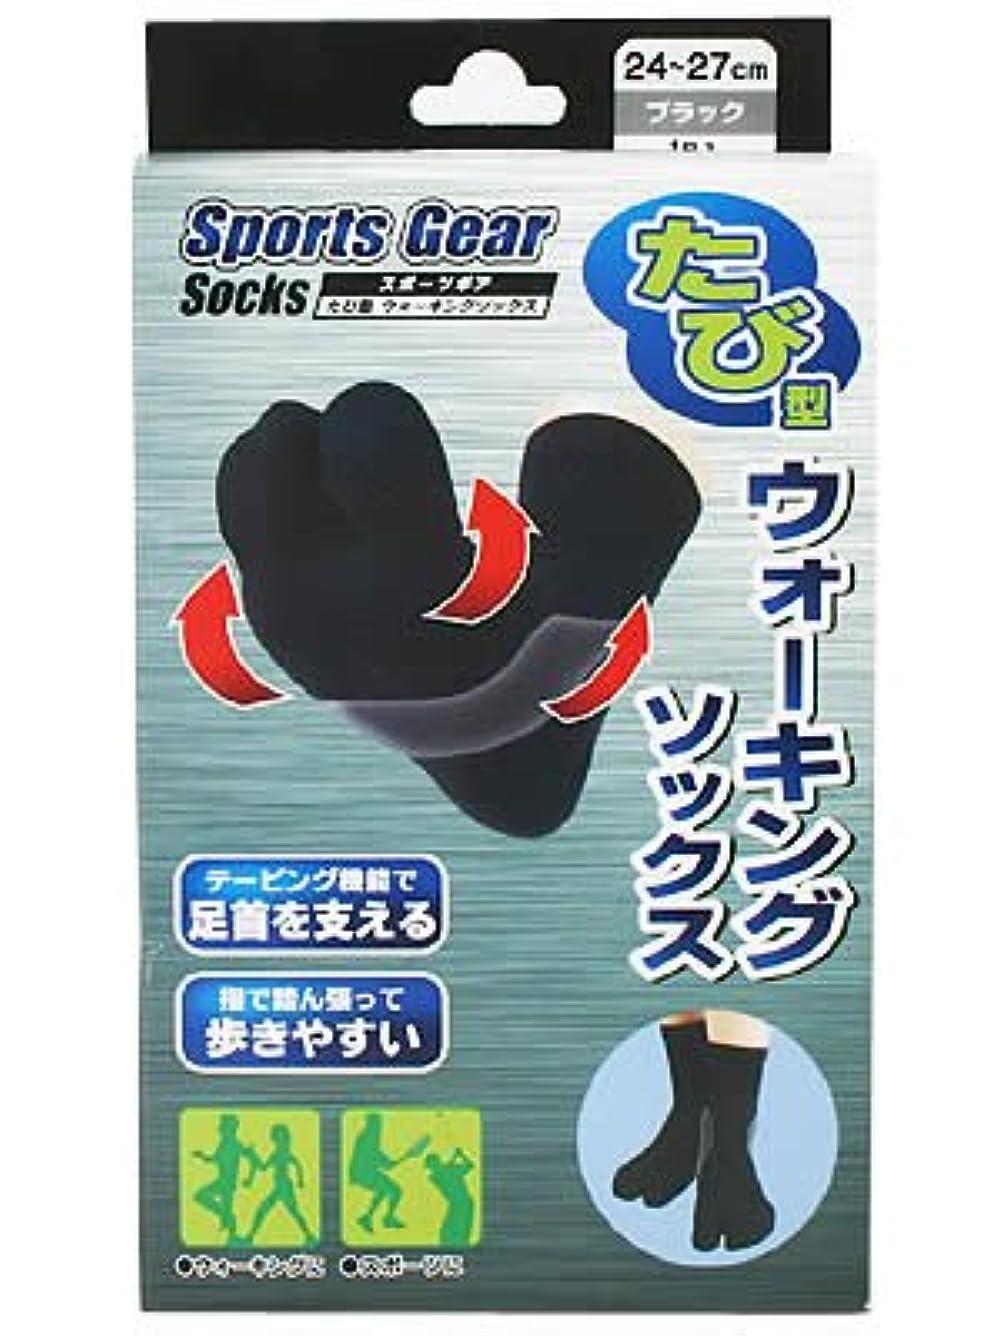 幹落ちた教育するスポーツギア たび型 ウォーキングソックス 24~27cm ブラック